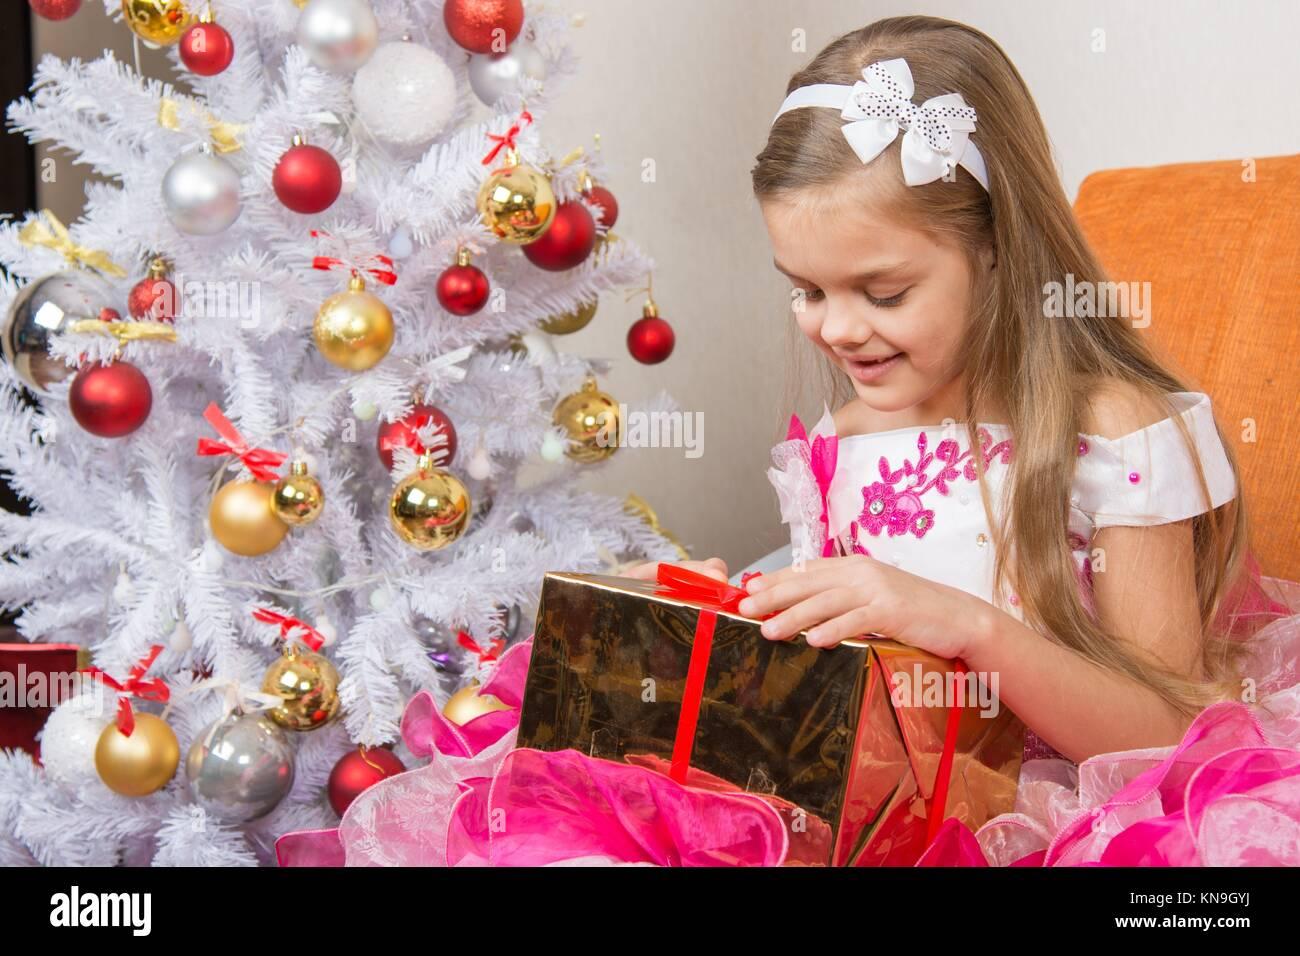 7-jährige Mädchen in einem schönen Kleid erwägt, ein Geschenk von ...